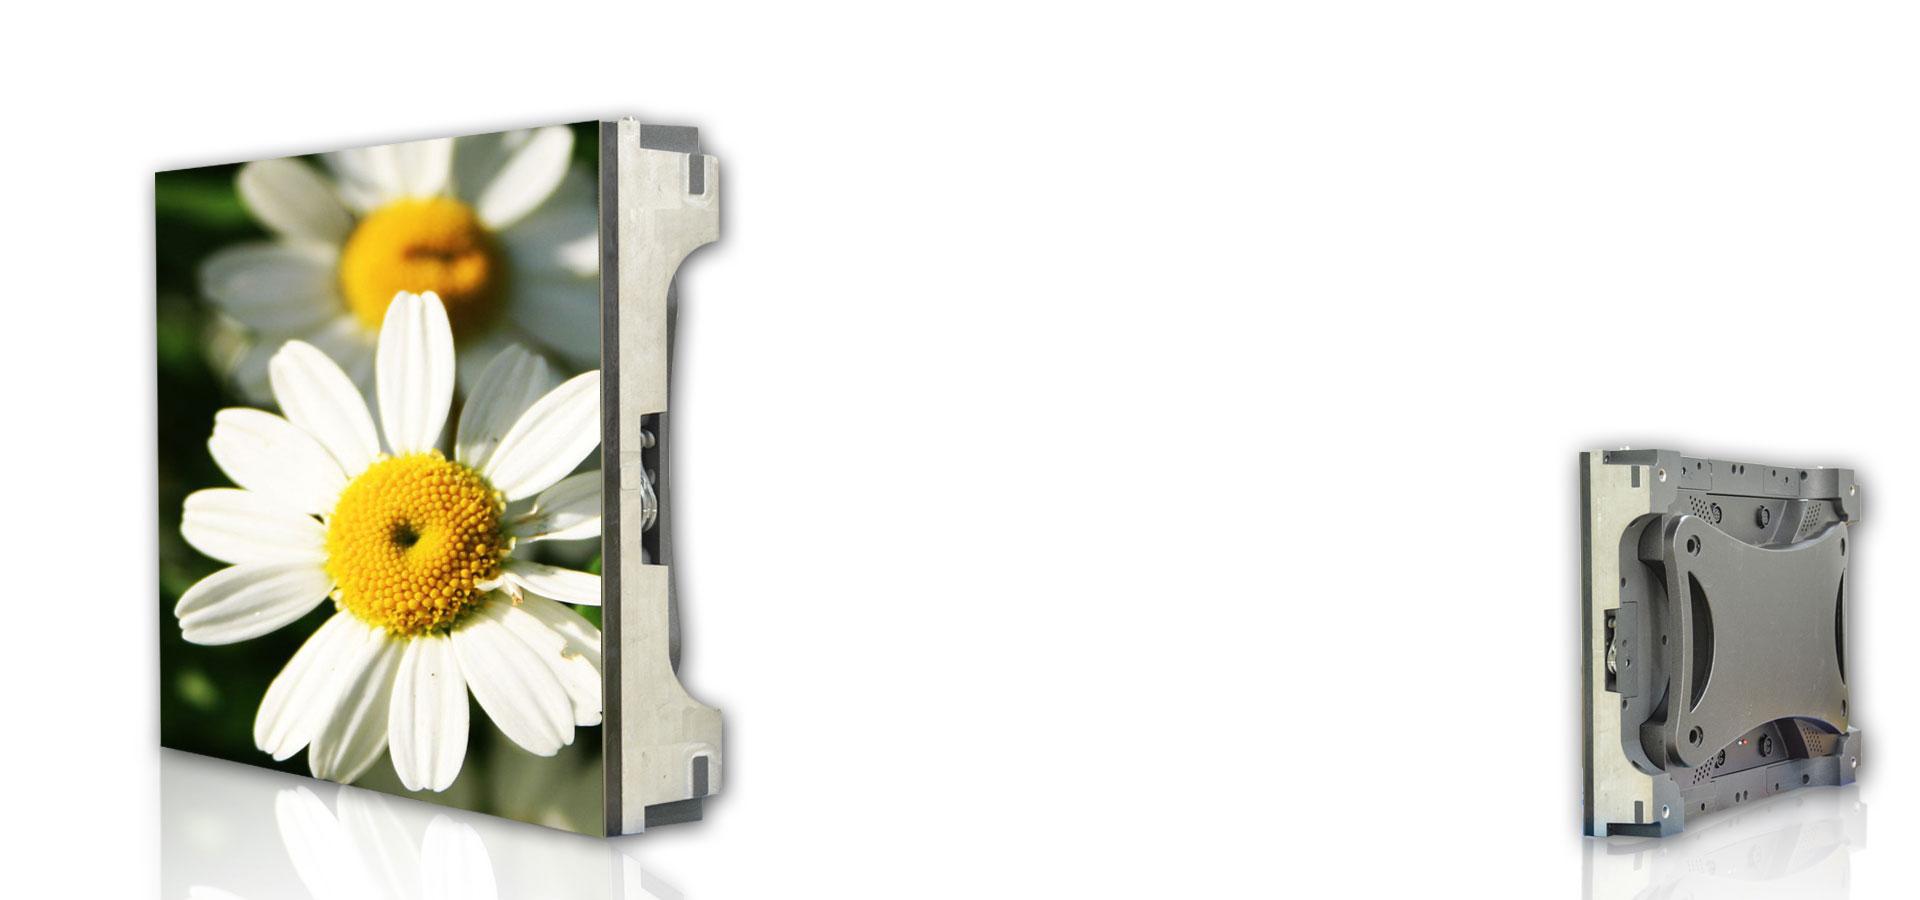 美亚迪分享LED租赁屏与常规显示屏的区别?